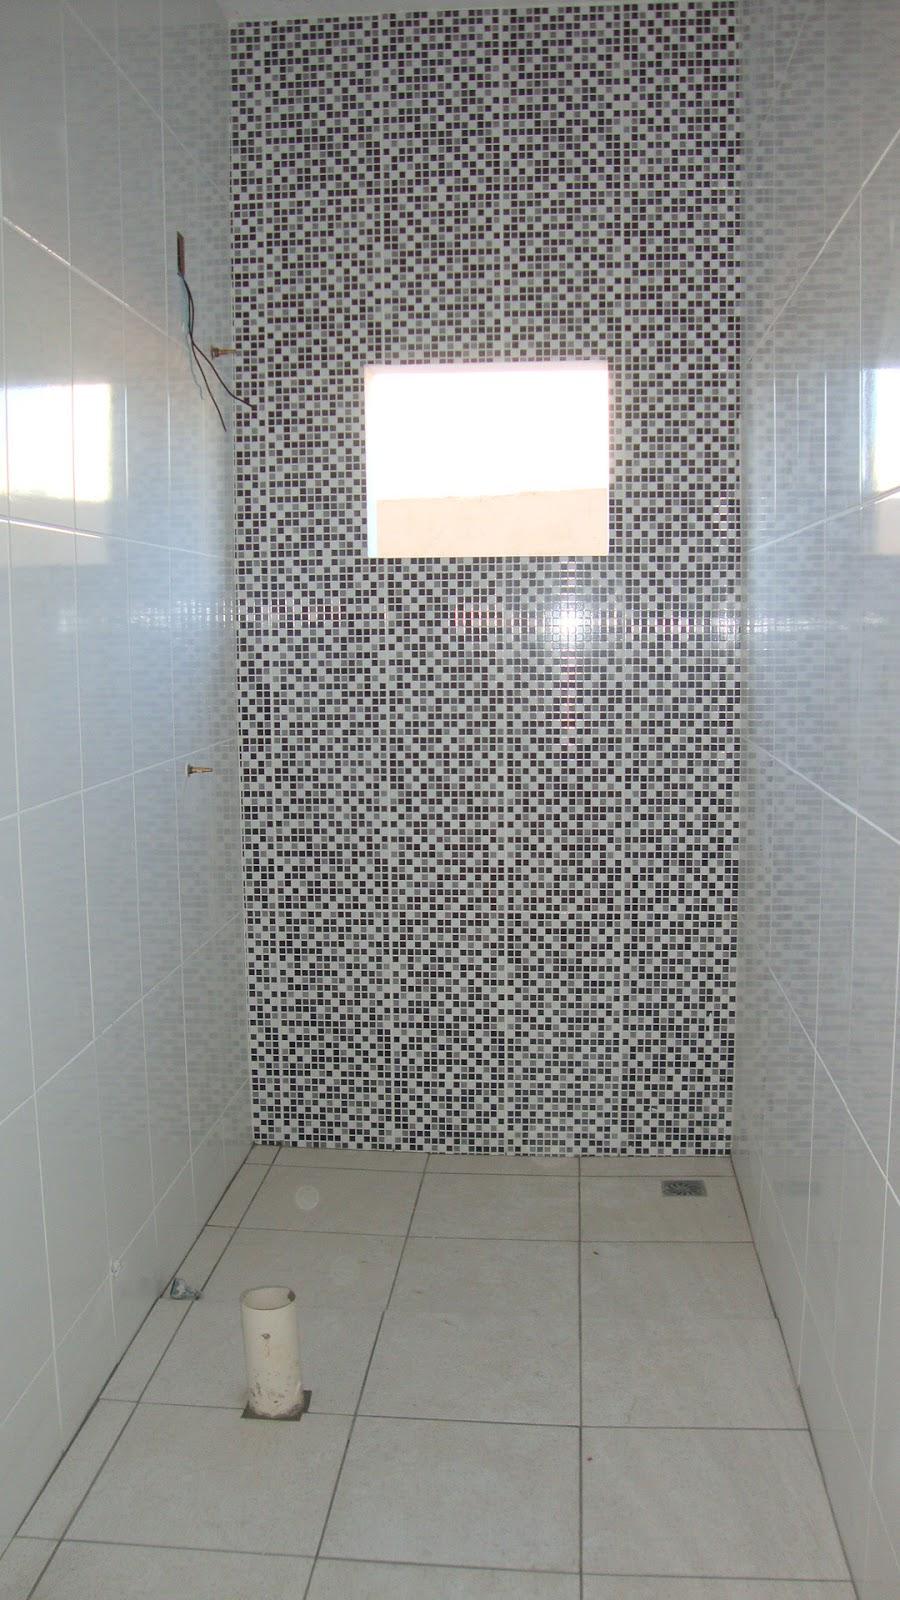 Odisseia Habitacional Revestimento dos banheiros colocados! -> Banheiro Com Revestimento Que Imita Pastilha